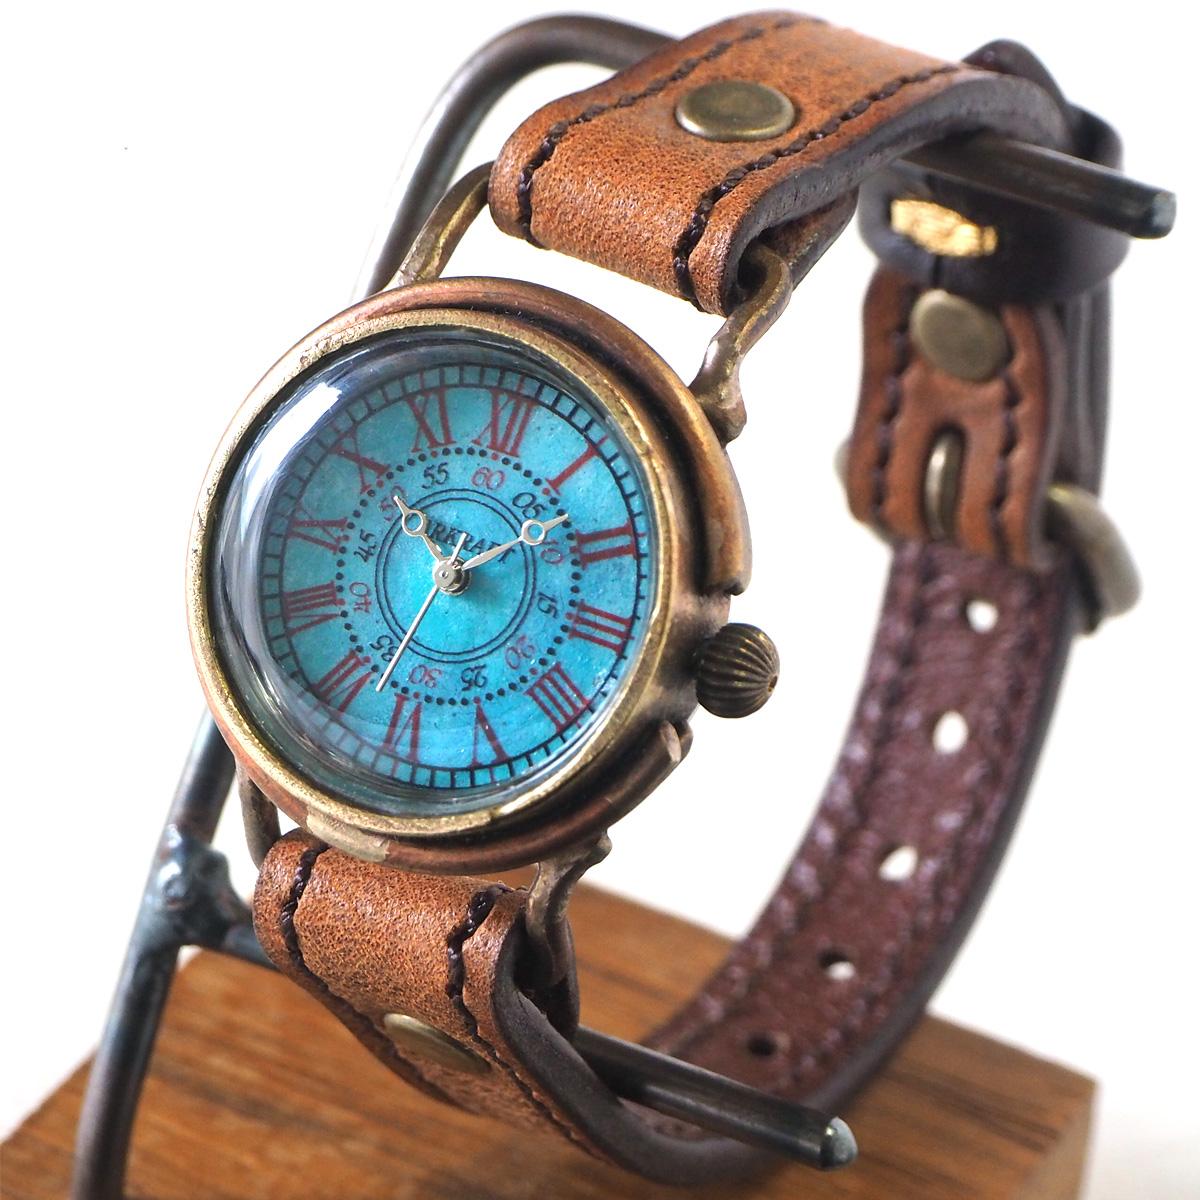 """ARKRAFT(アークラフト) 時計作家・新木秀和 手作り腕時計 """"Addy Small"""" ローマ数字 プレミアムストラップ [AR-C-017-RO]"""